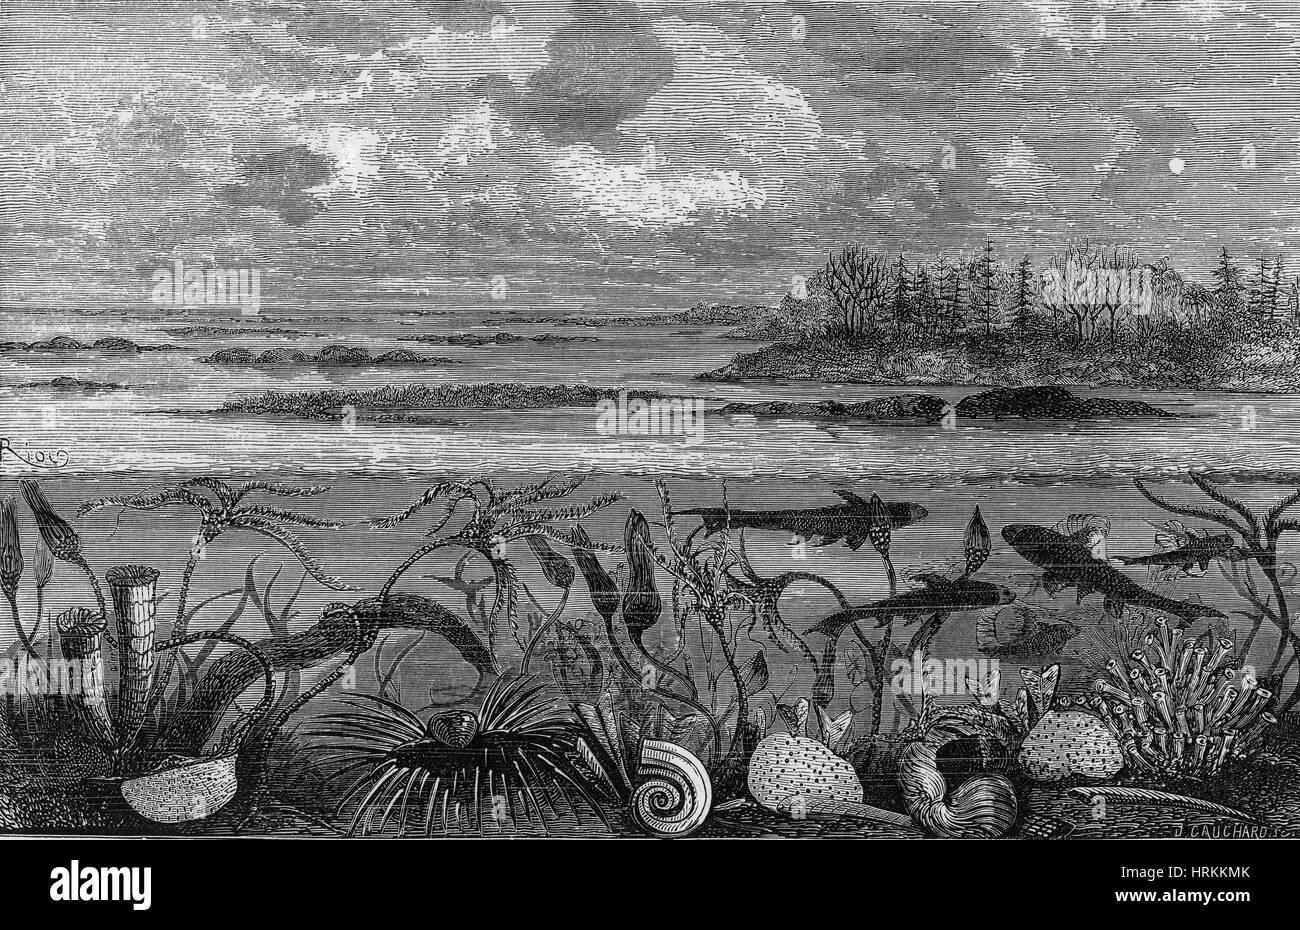 Carboniferous Marine Life - Stock Image